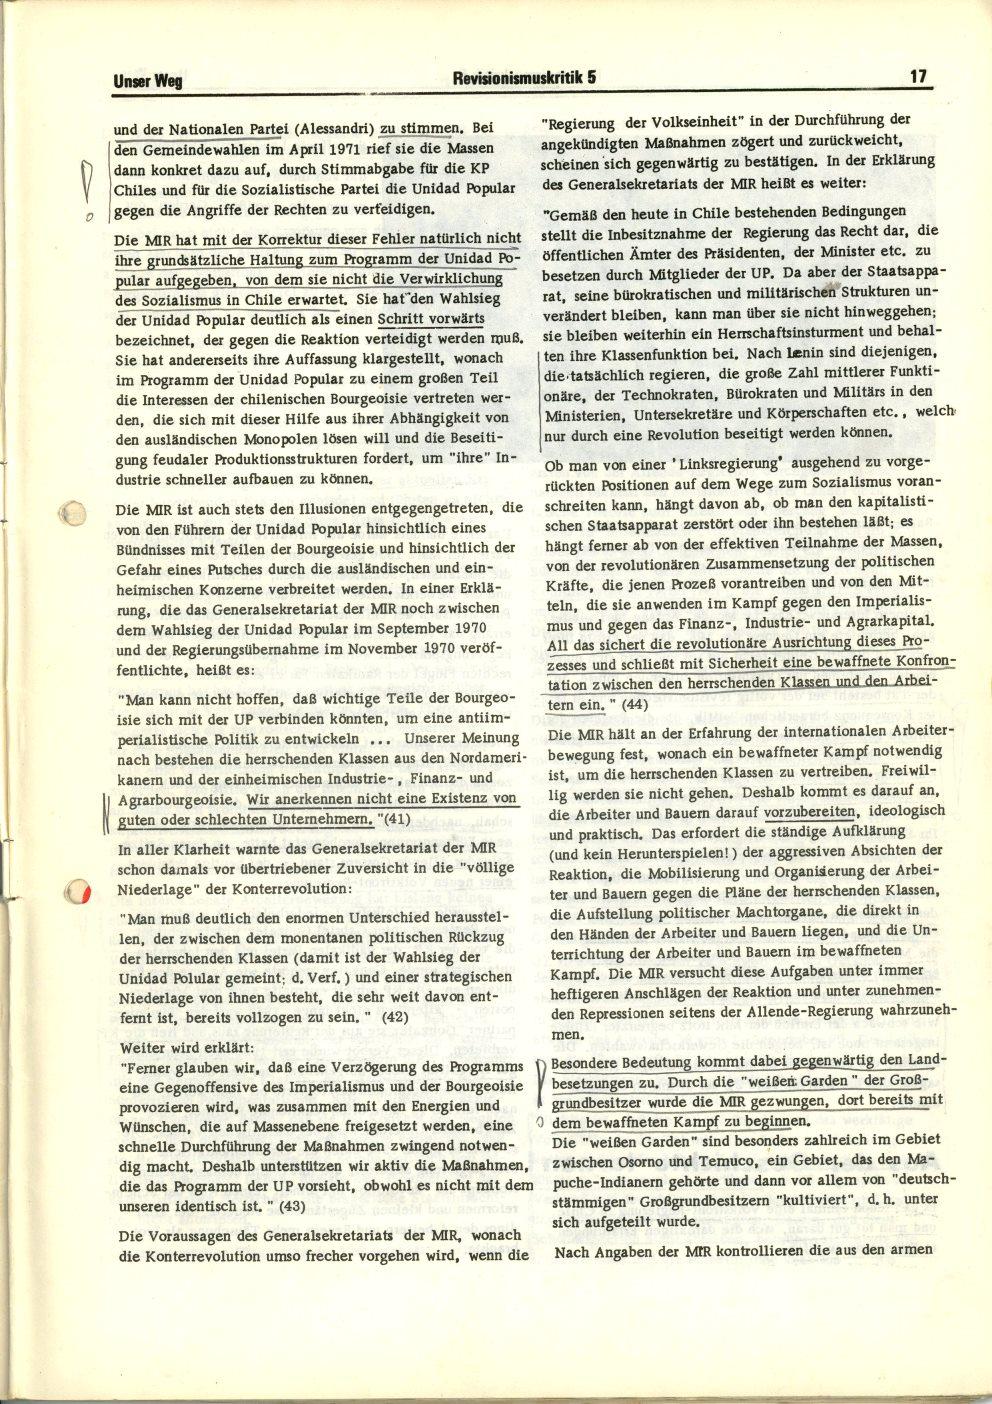 KB_Unser_Weg_1972_Chile_19